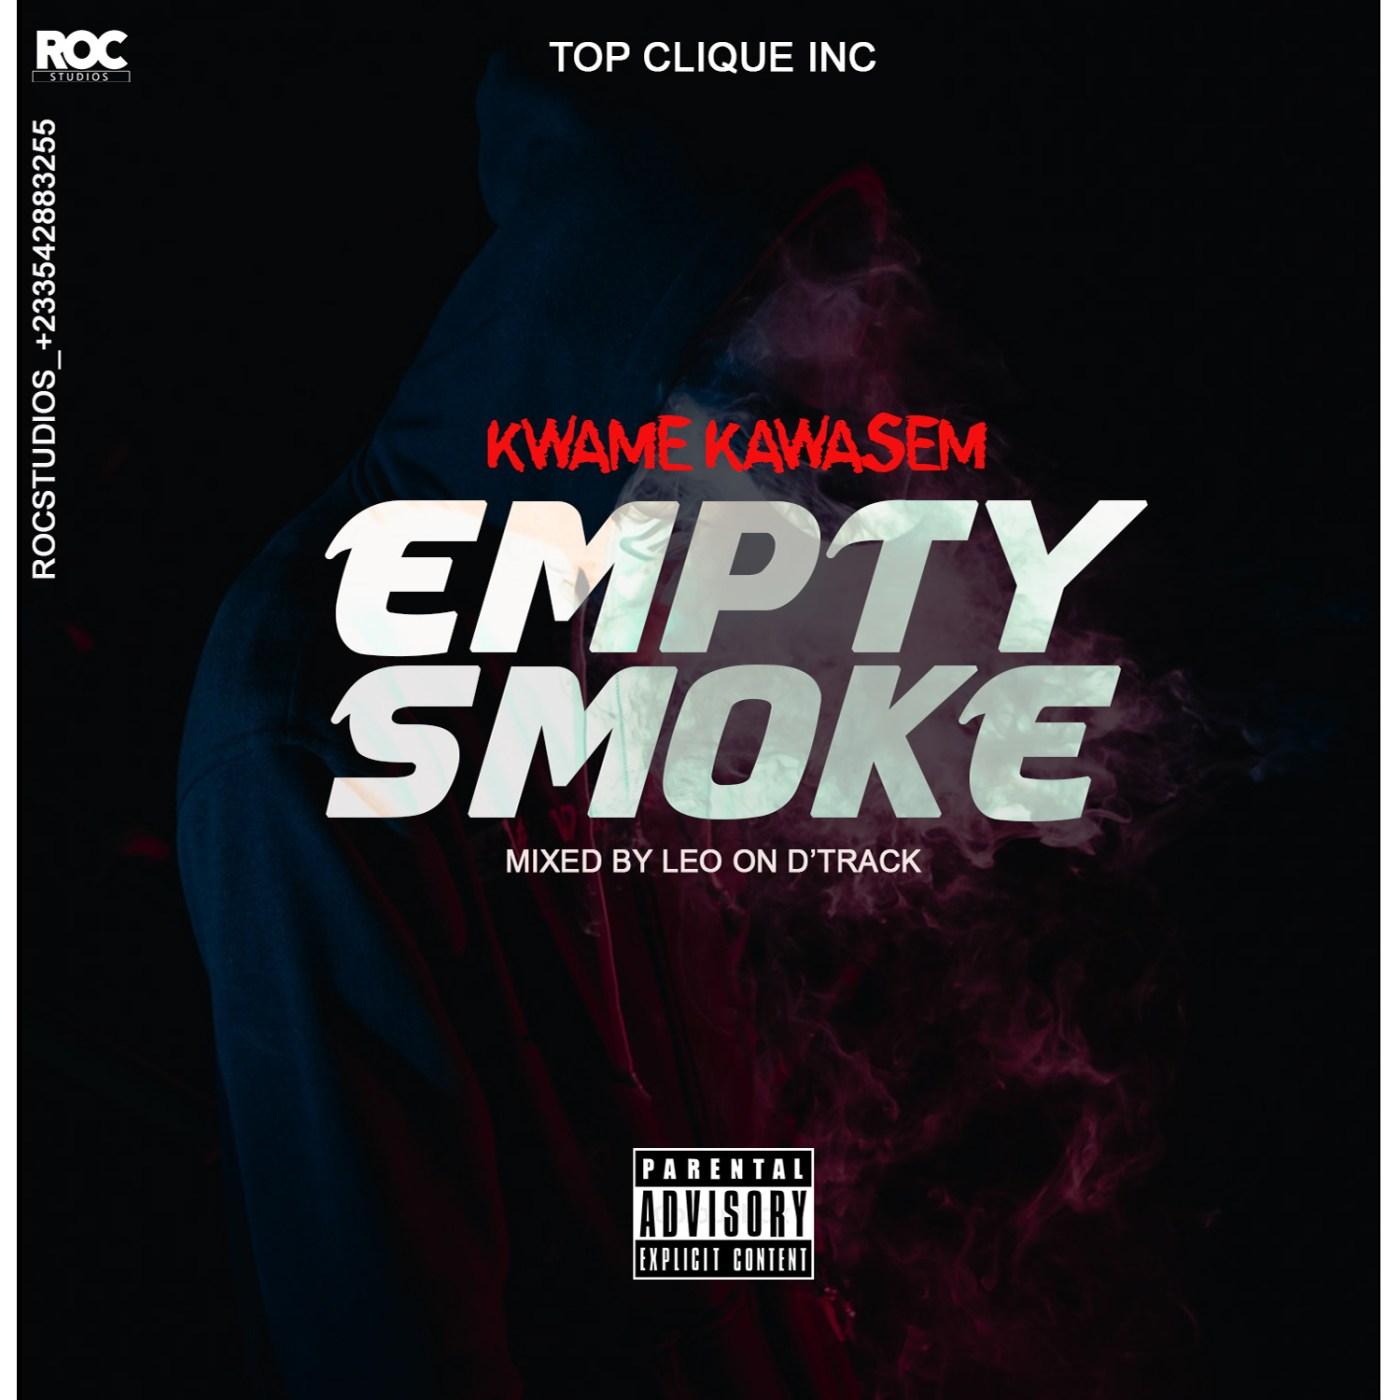 Kwame Kawasem - Empty Smoke